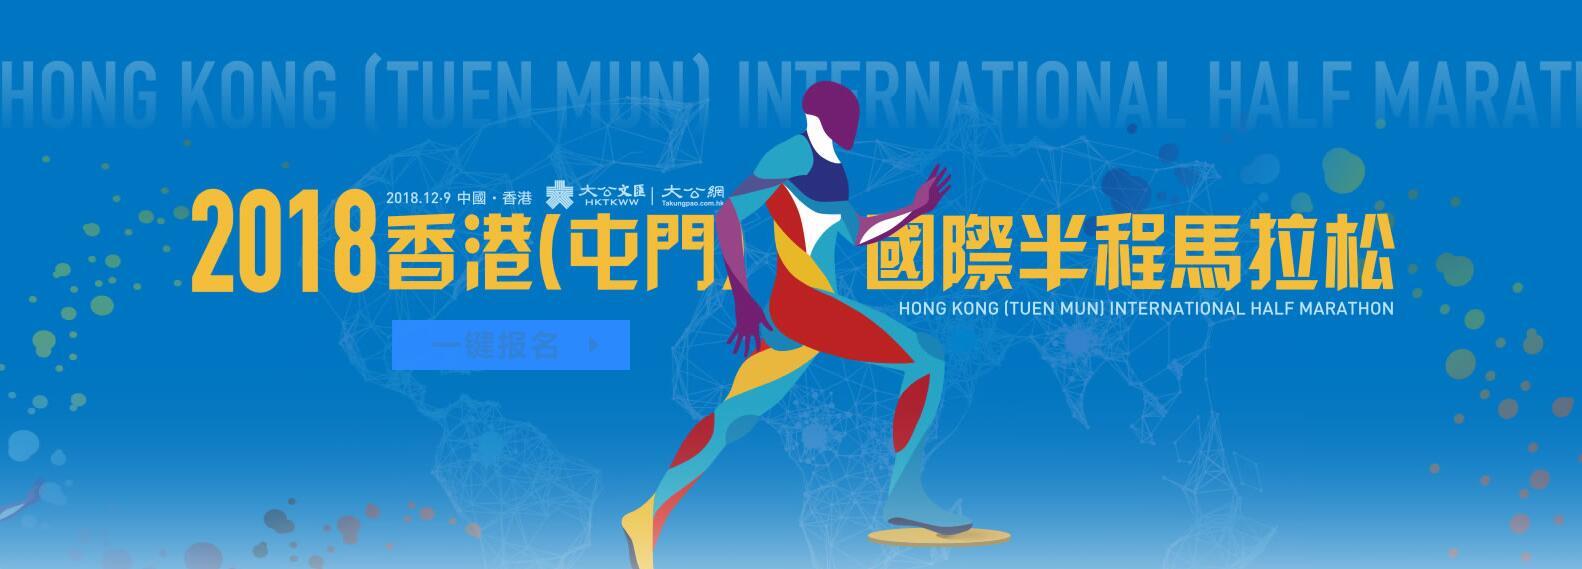 香港(屯门)国际半程马拉松